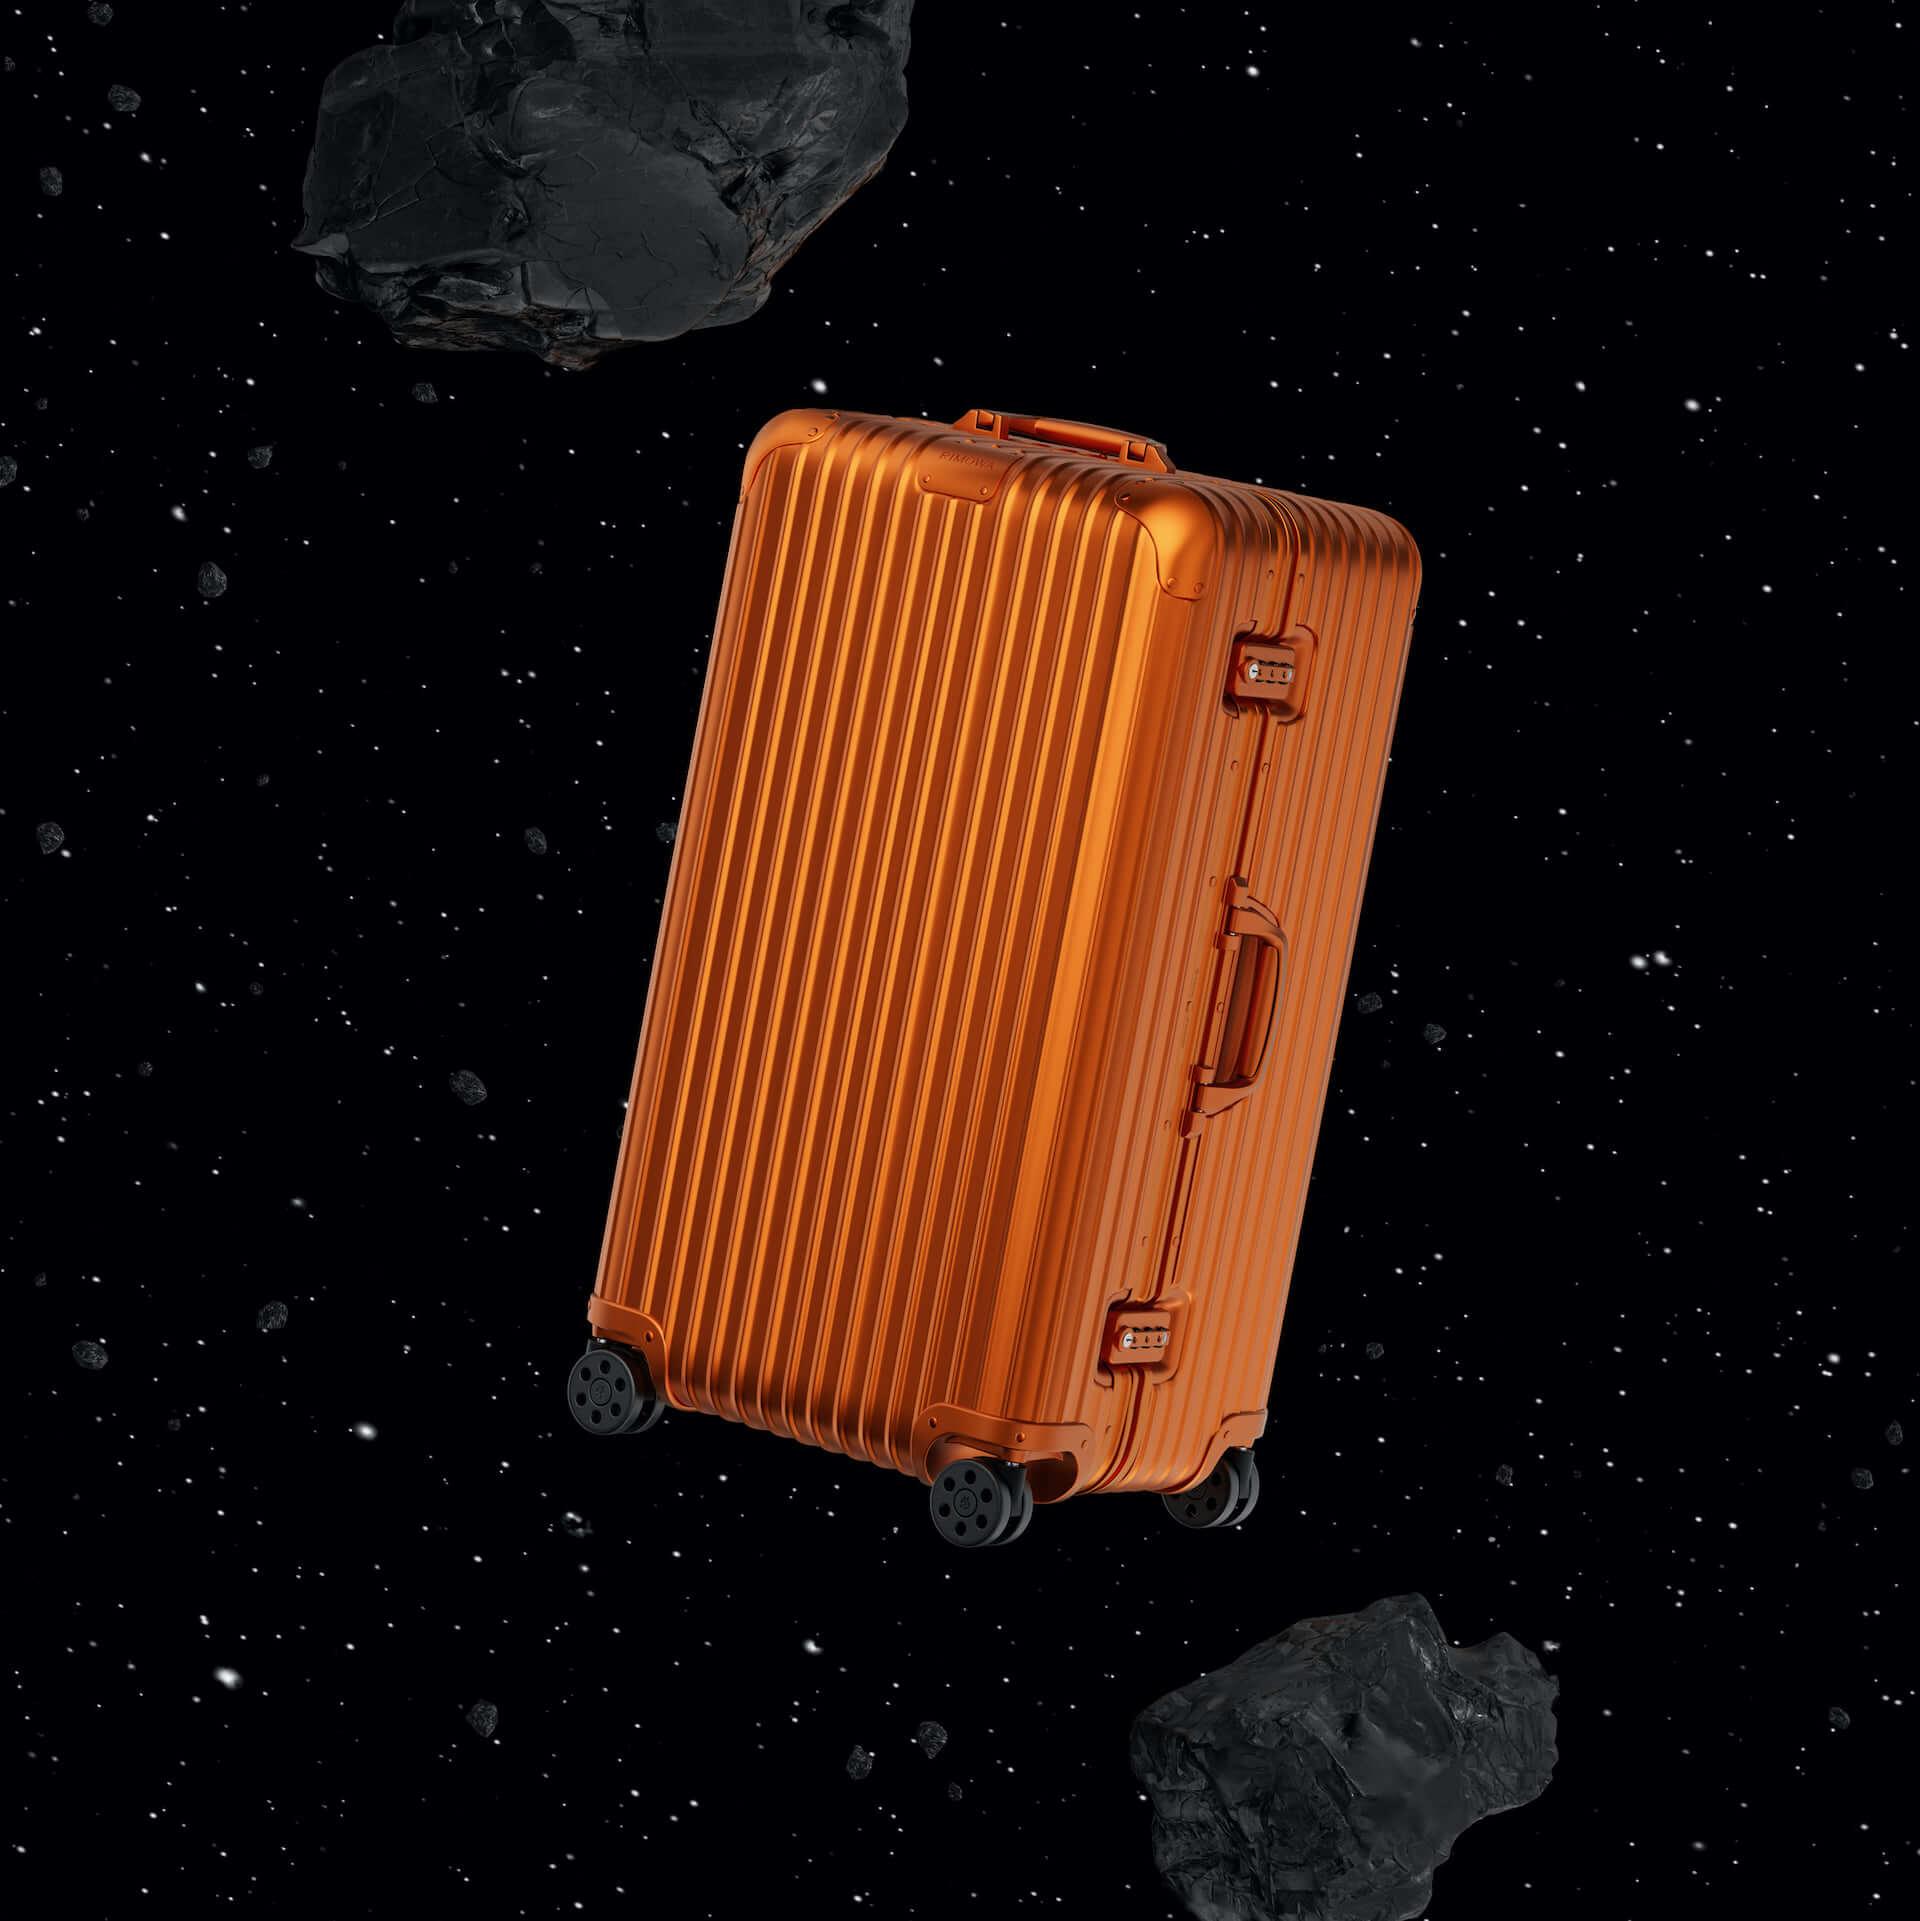 RIMOWAを代表するアルミニウム合金製スーツケースの新色が発売決定!銀河から着想を得たオレンジ、ミディアムグレーが登場 tech210202_rimowa_2-1920x1921